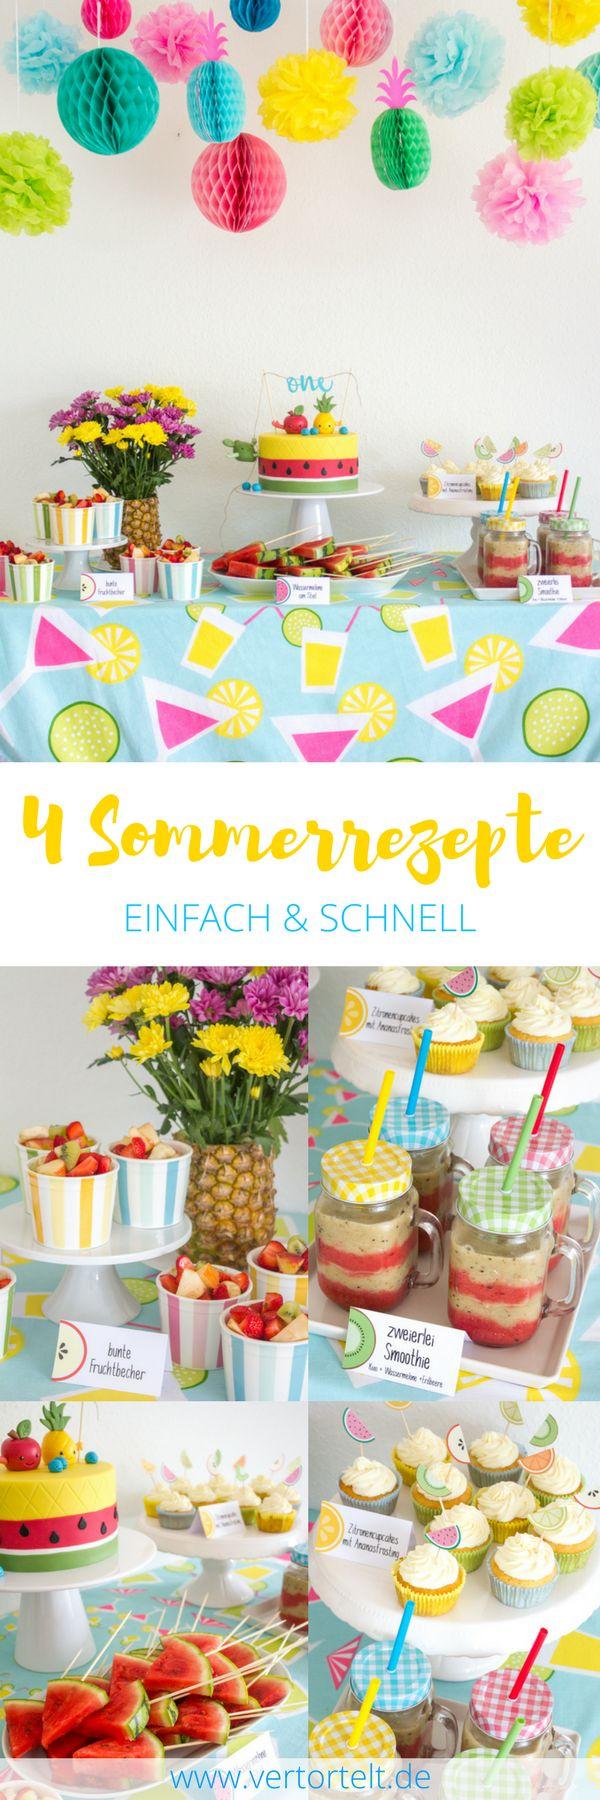 Tutti Frutti Geburtstagsparty - lecker fruchtige Rezepte für den Sommer mit Wassermelone, Ananas & Co